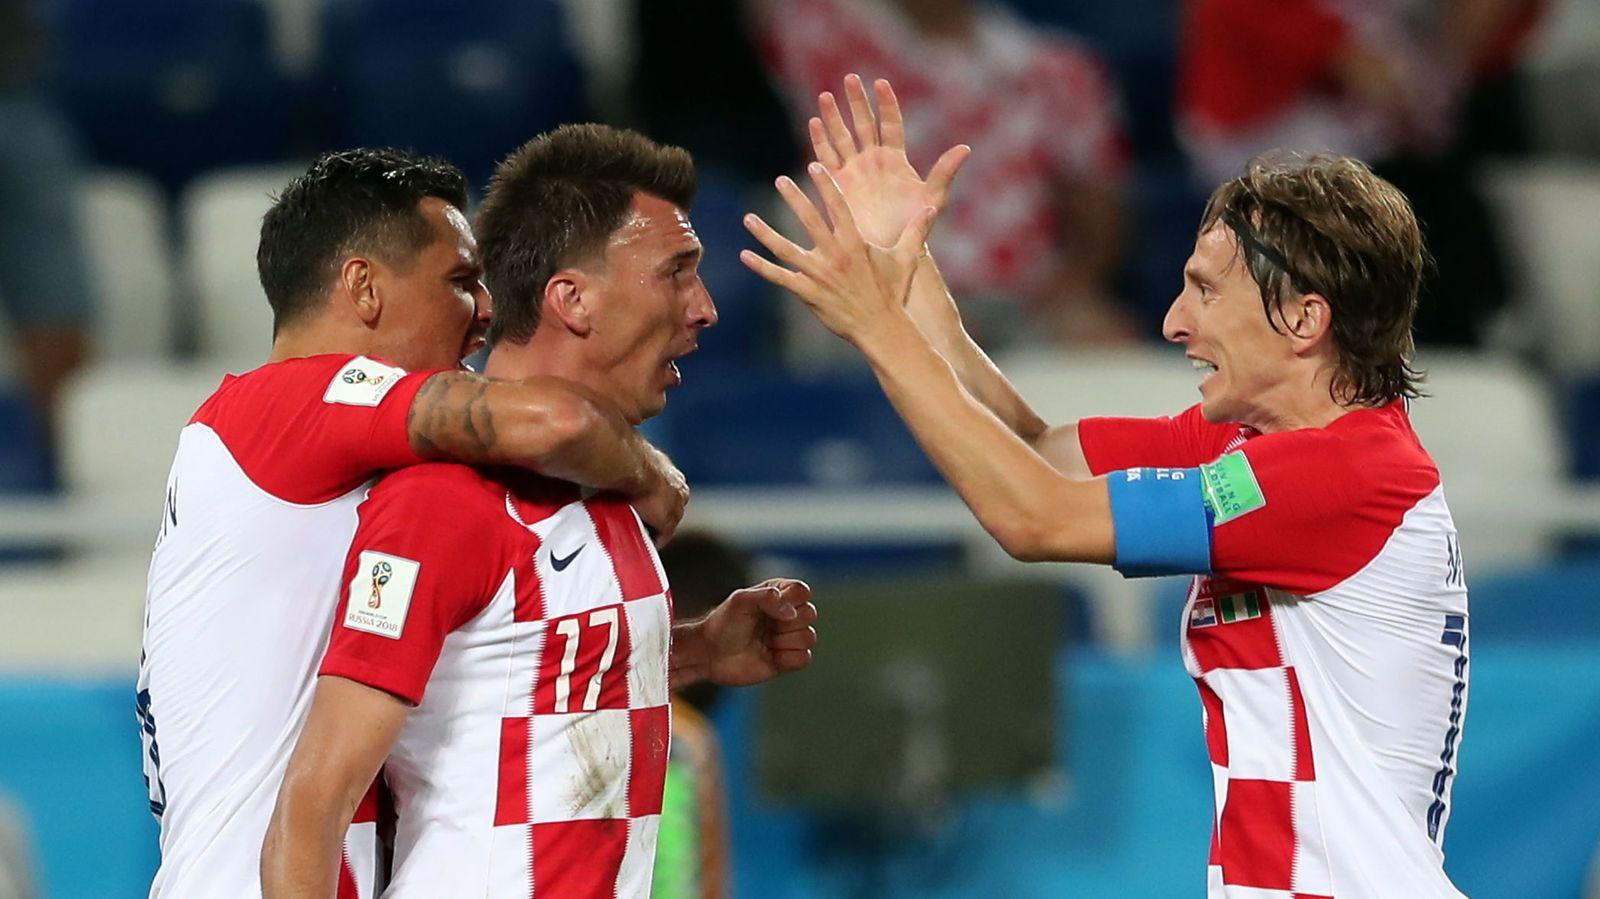 Foto: Group d croatia vs nigeria